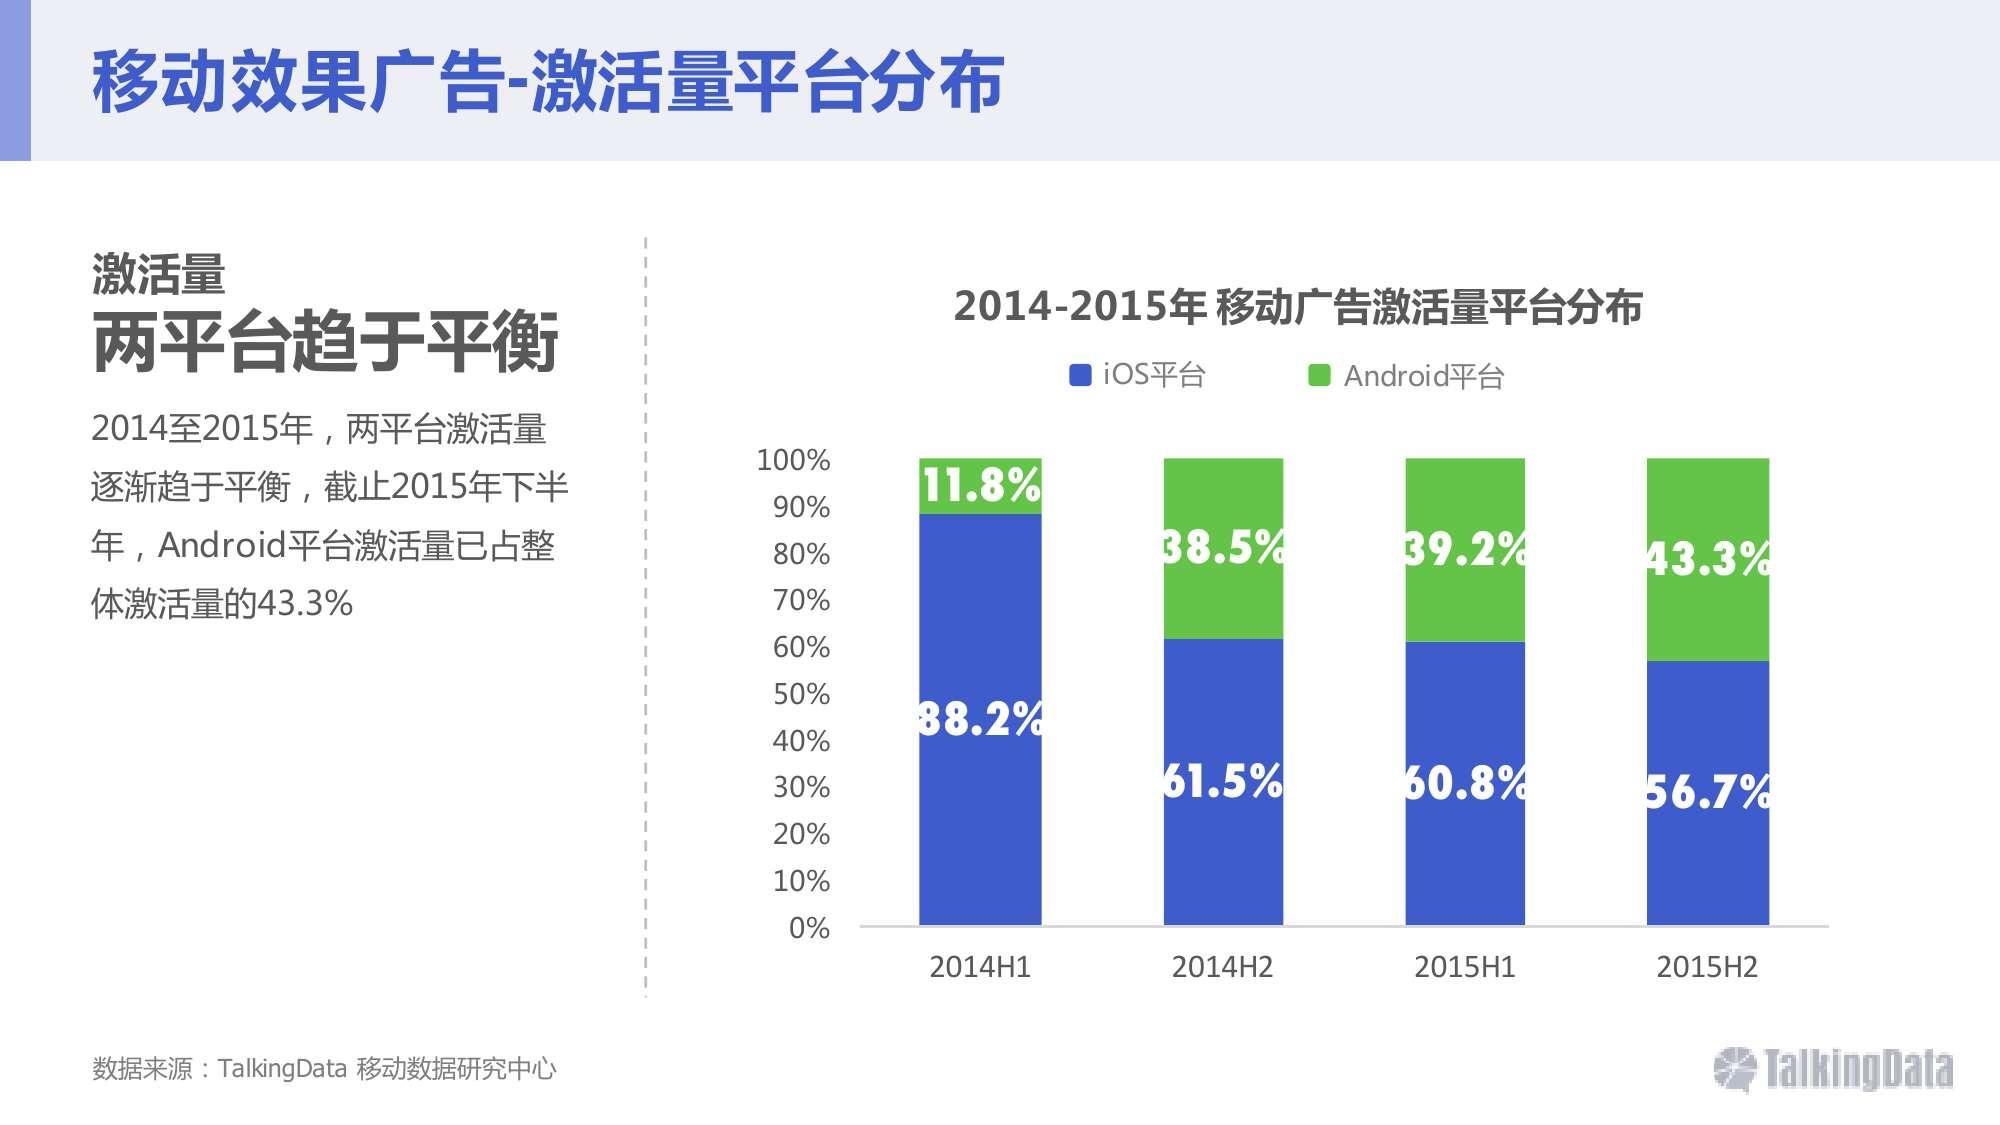 2015年移动广告行业报告_000014